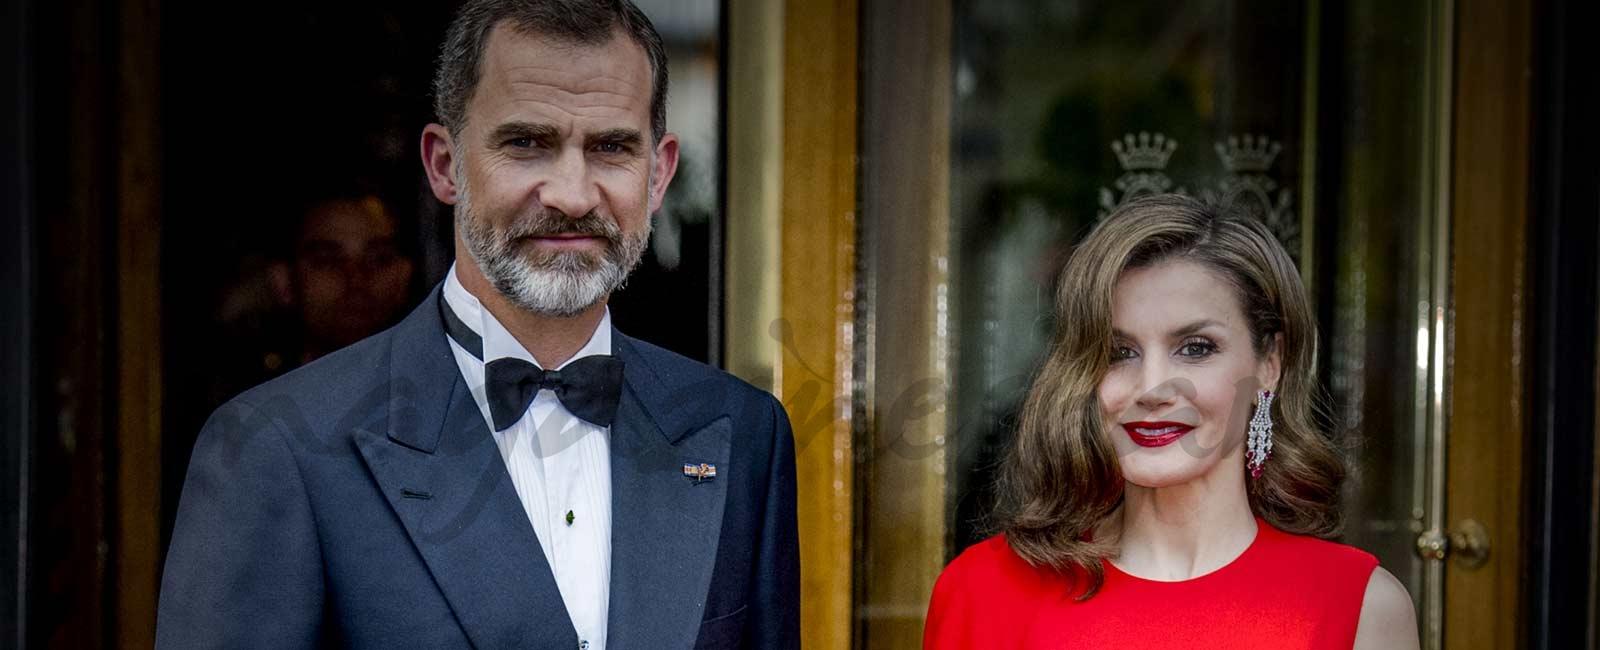 La reina Letizia espectacular de rojo, en el 50 cumpleaños del rey Guillermo de Holanda